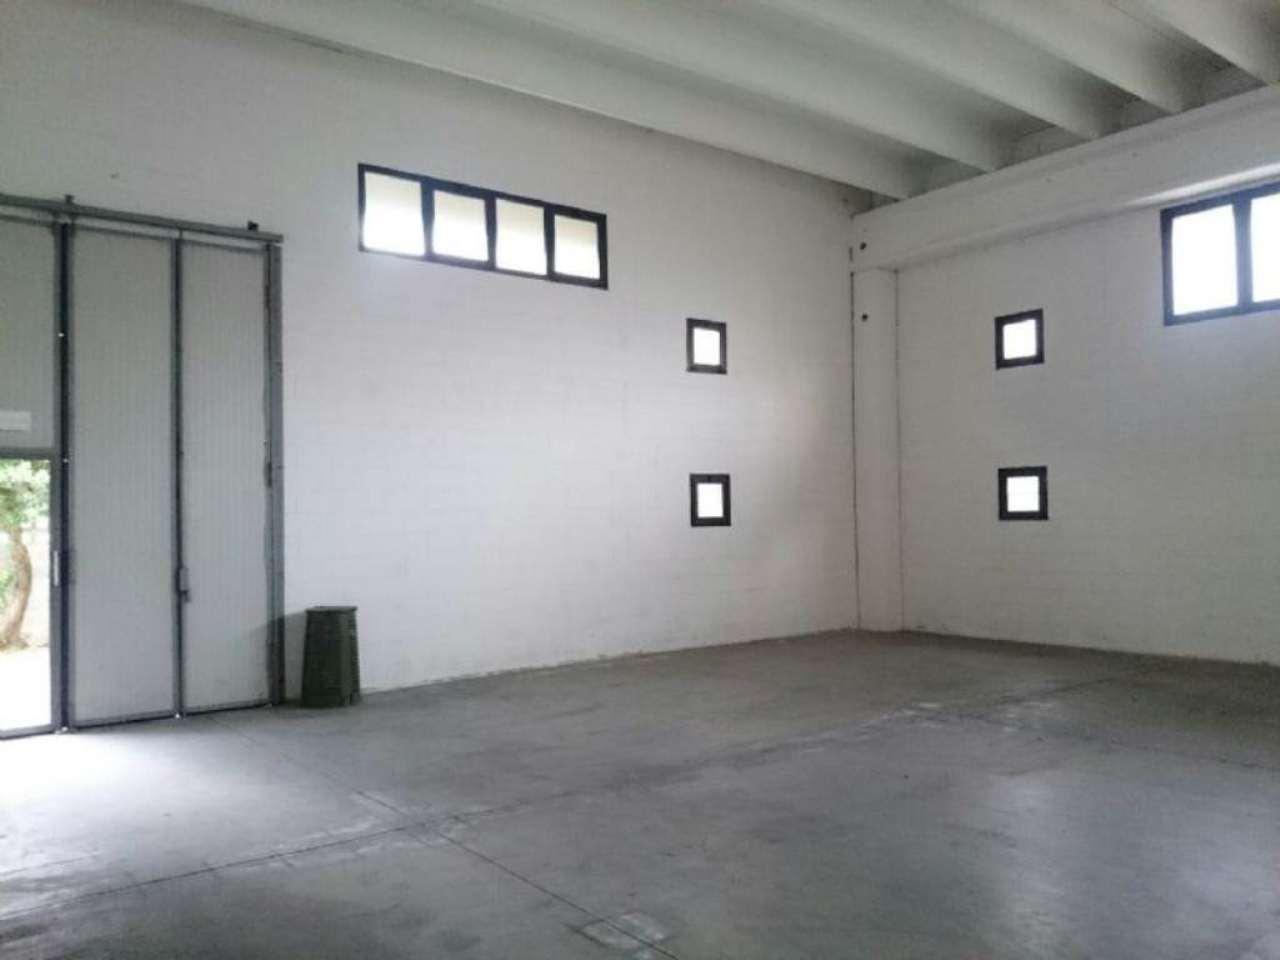 Capannone in affitto a Cernusco sul Naviglio, 9999 locali, Trattative riservate | Cambio Casa.it